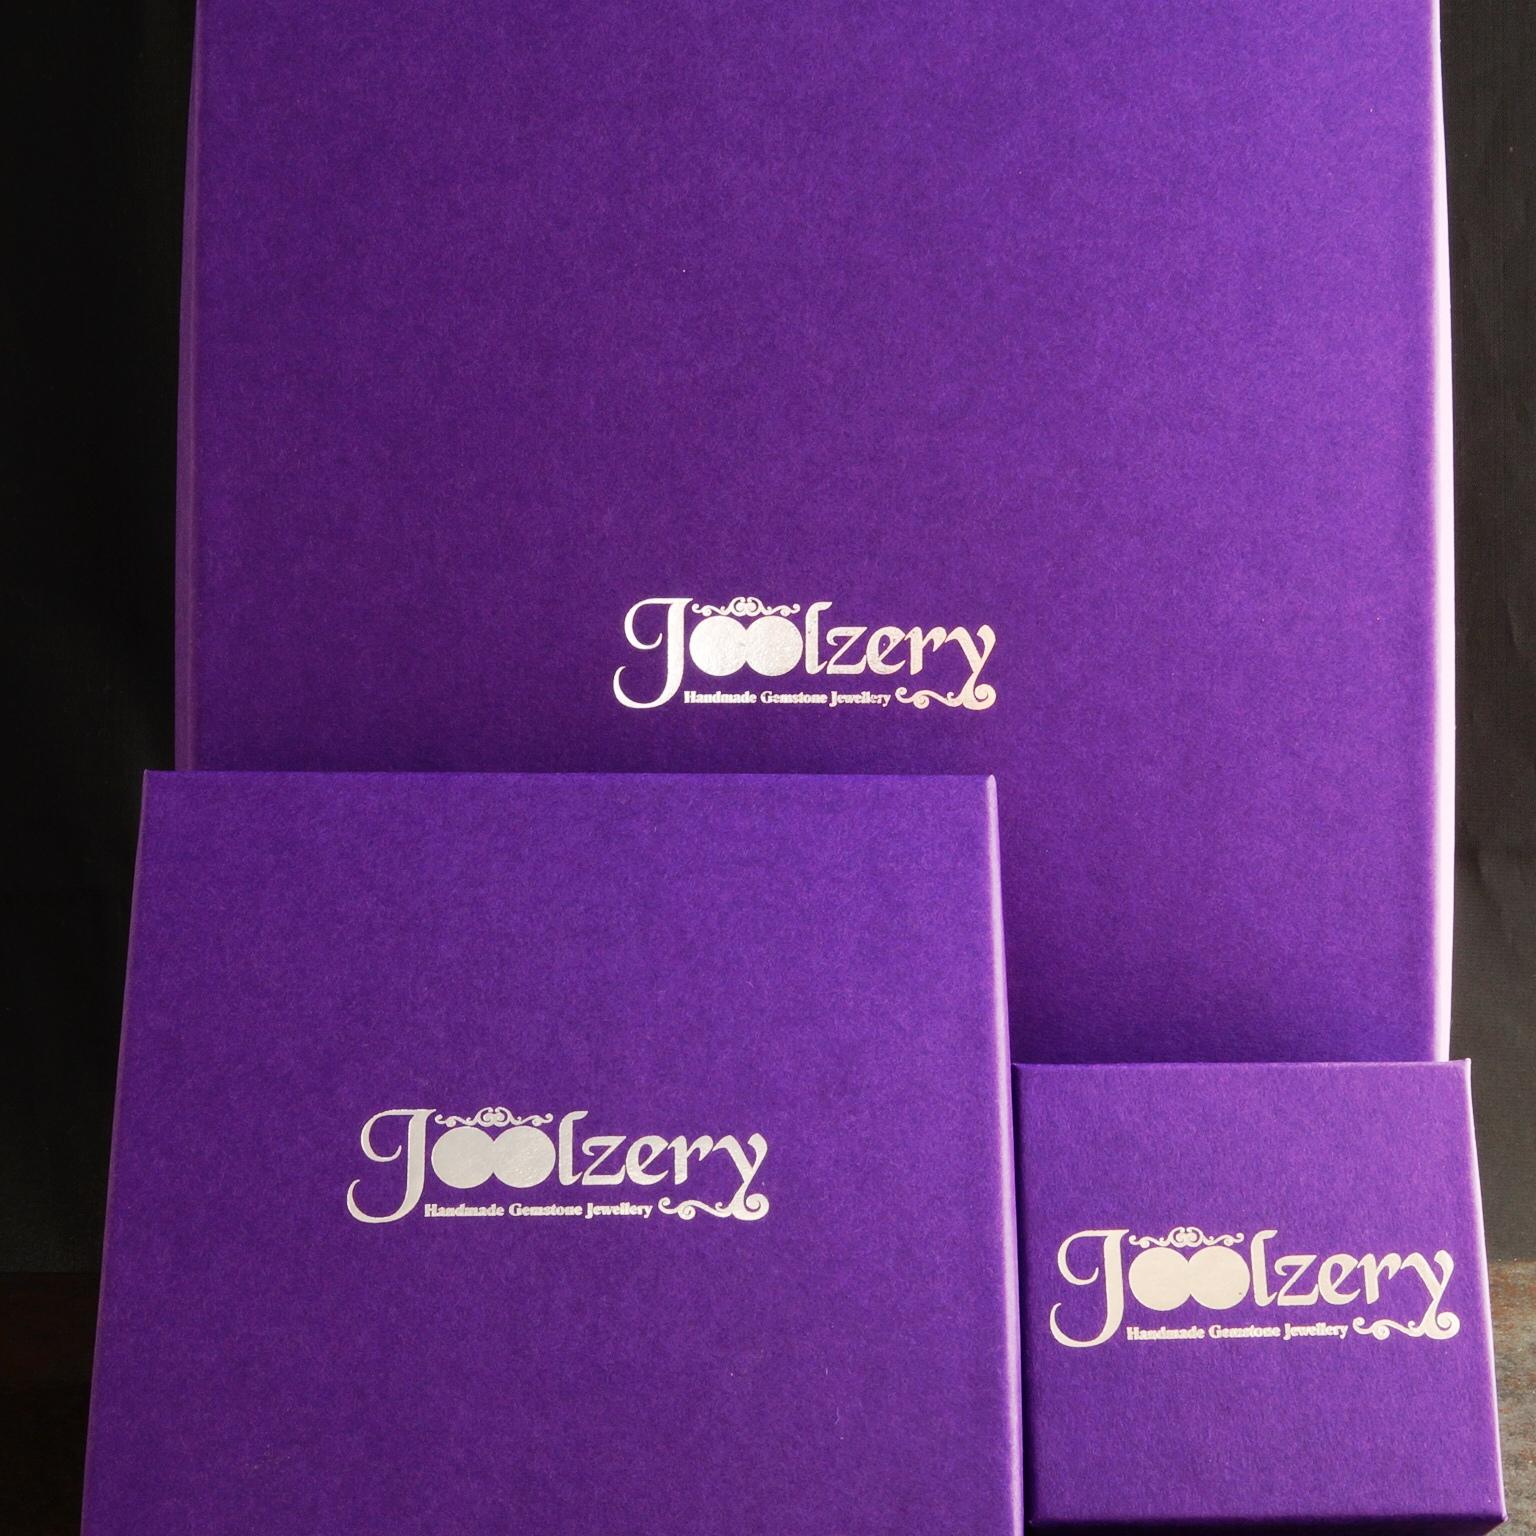 Joolzery New Handmade Jewellery Boxes